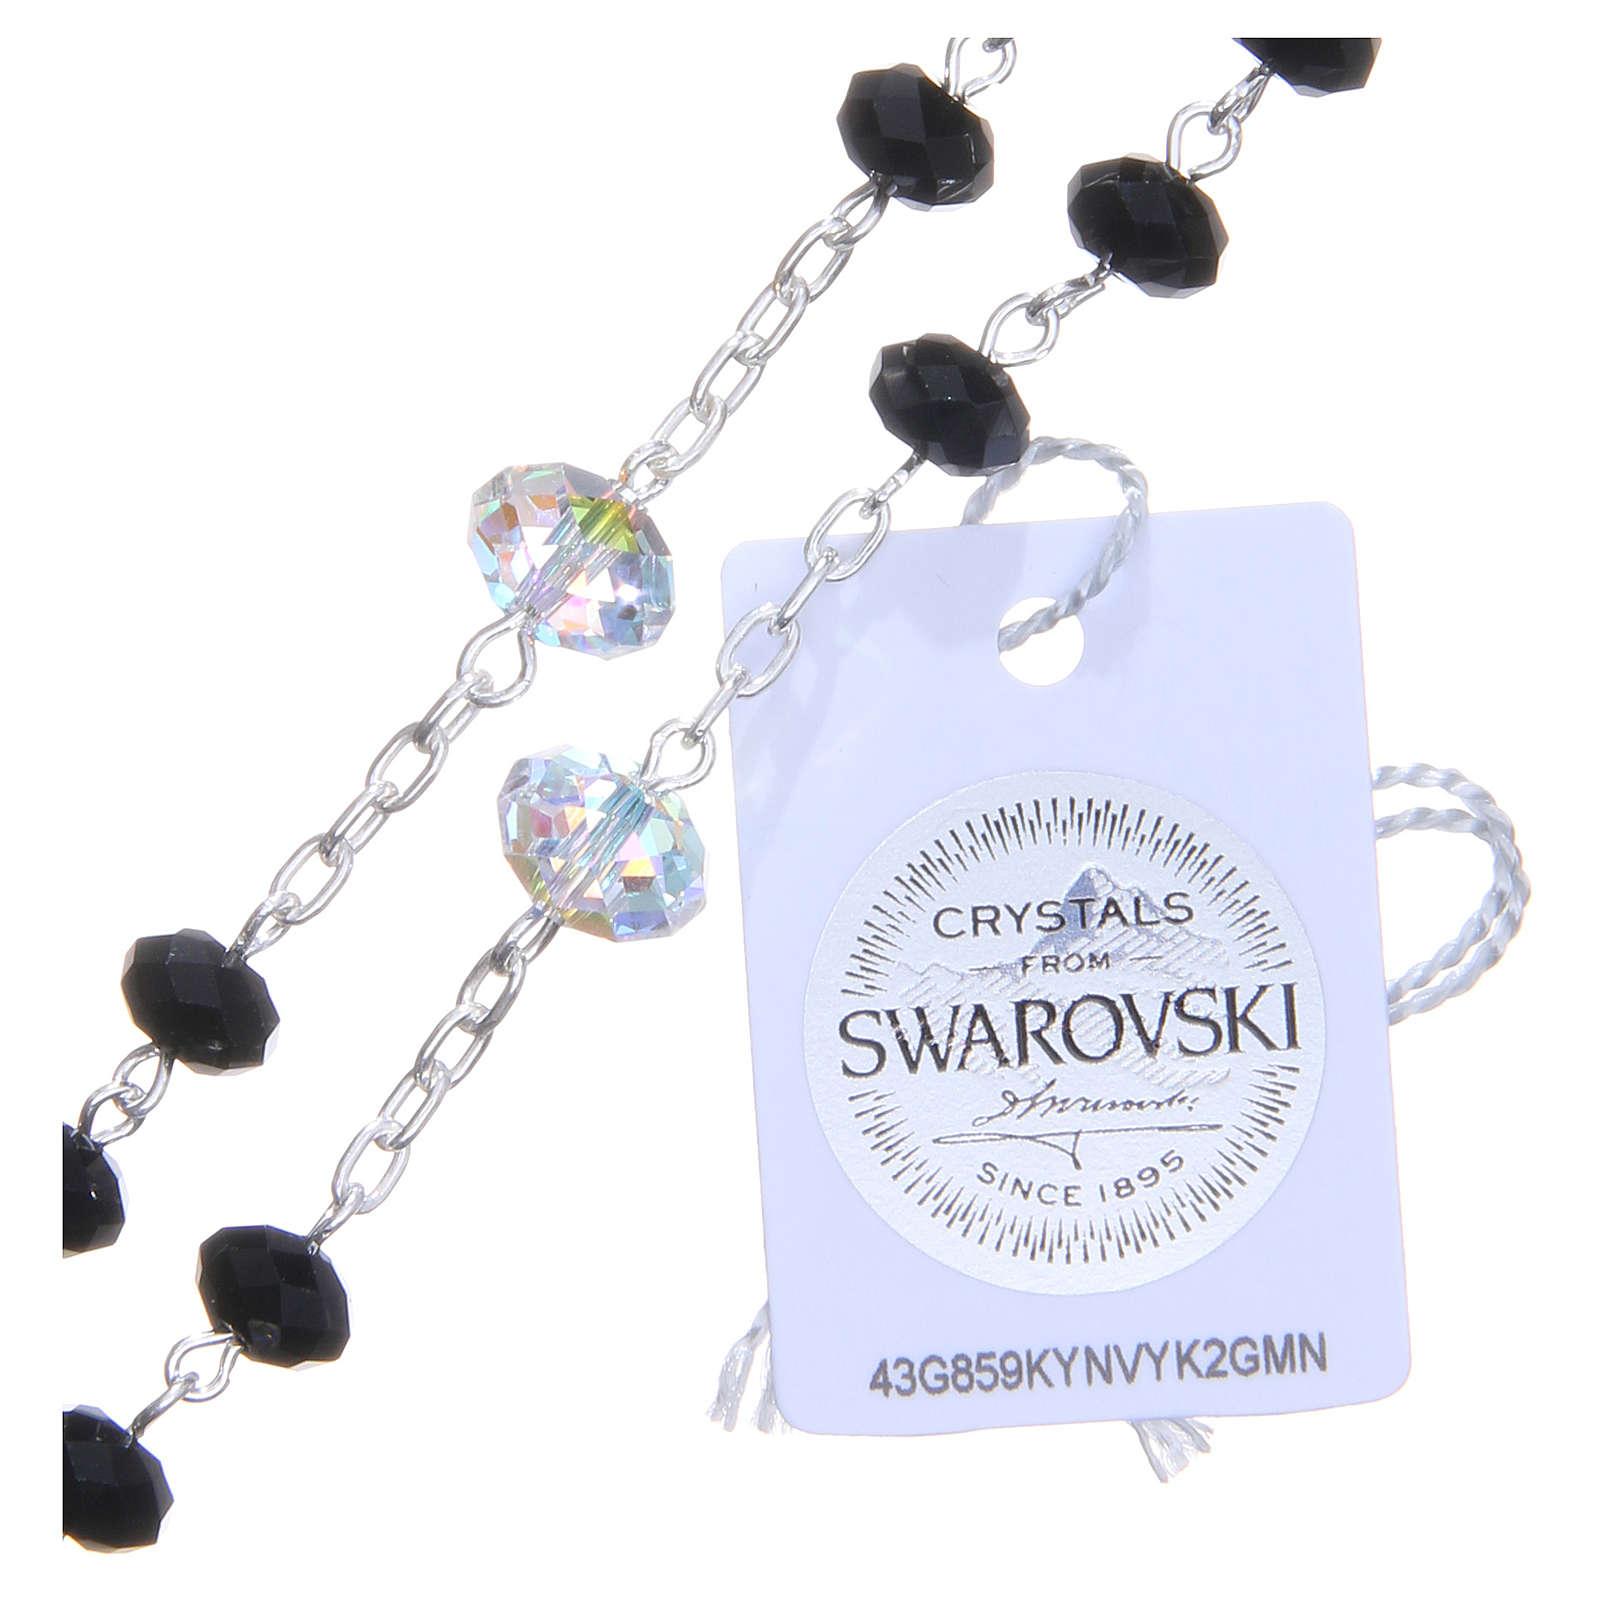 Rosario argento 925 cristallo Swarovski briolette 6 mm nero/bianco 4